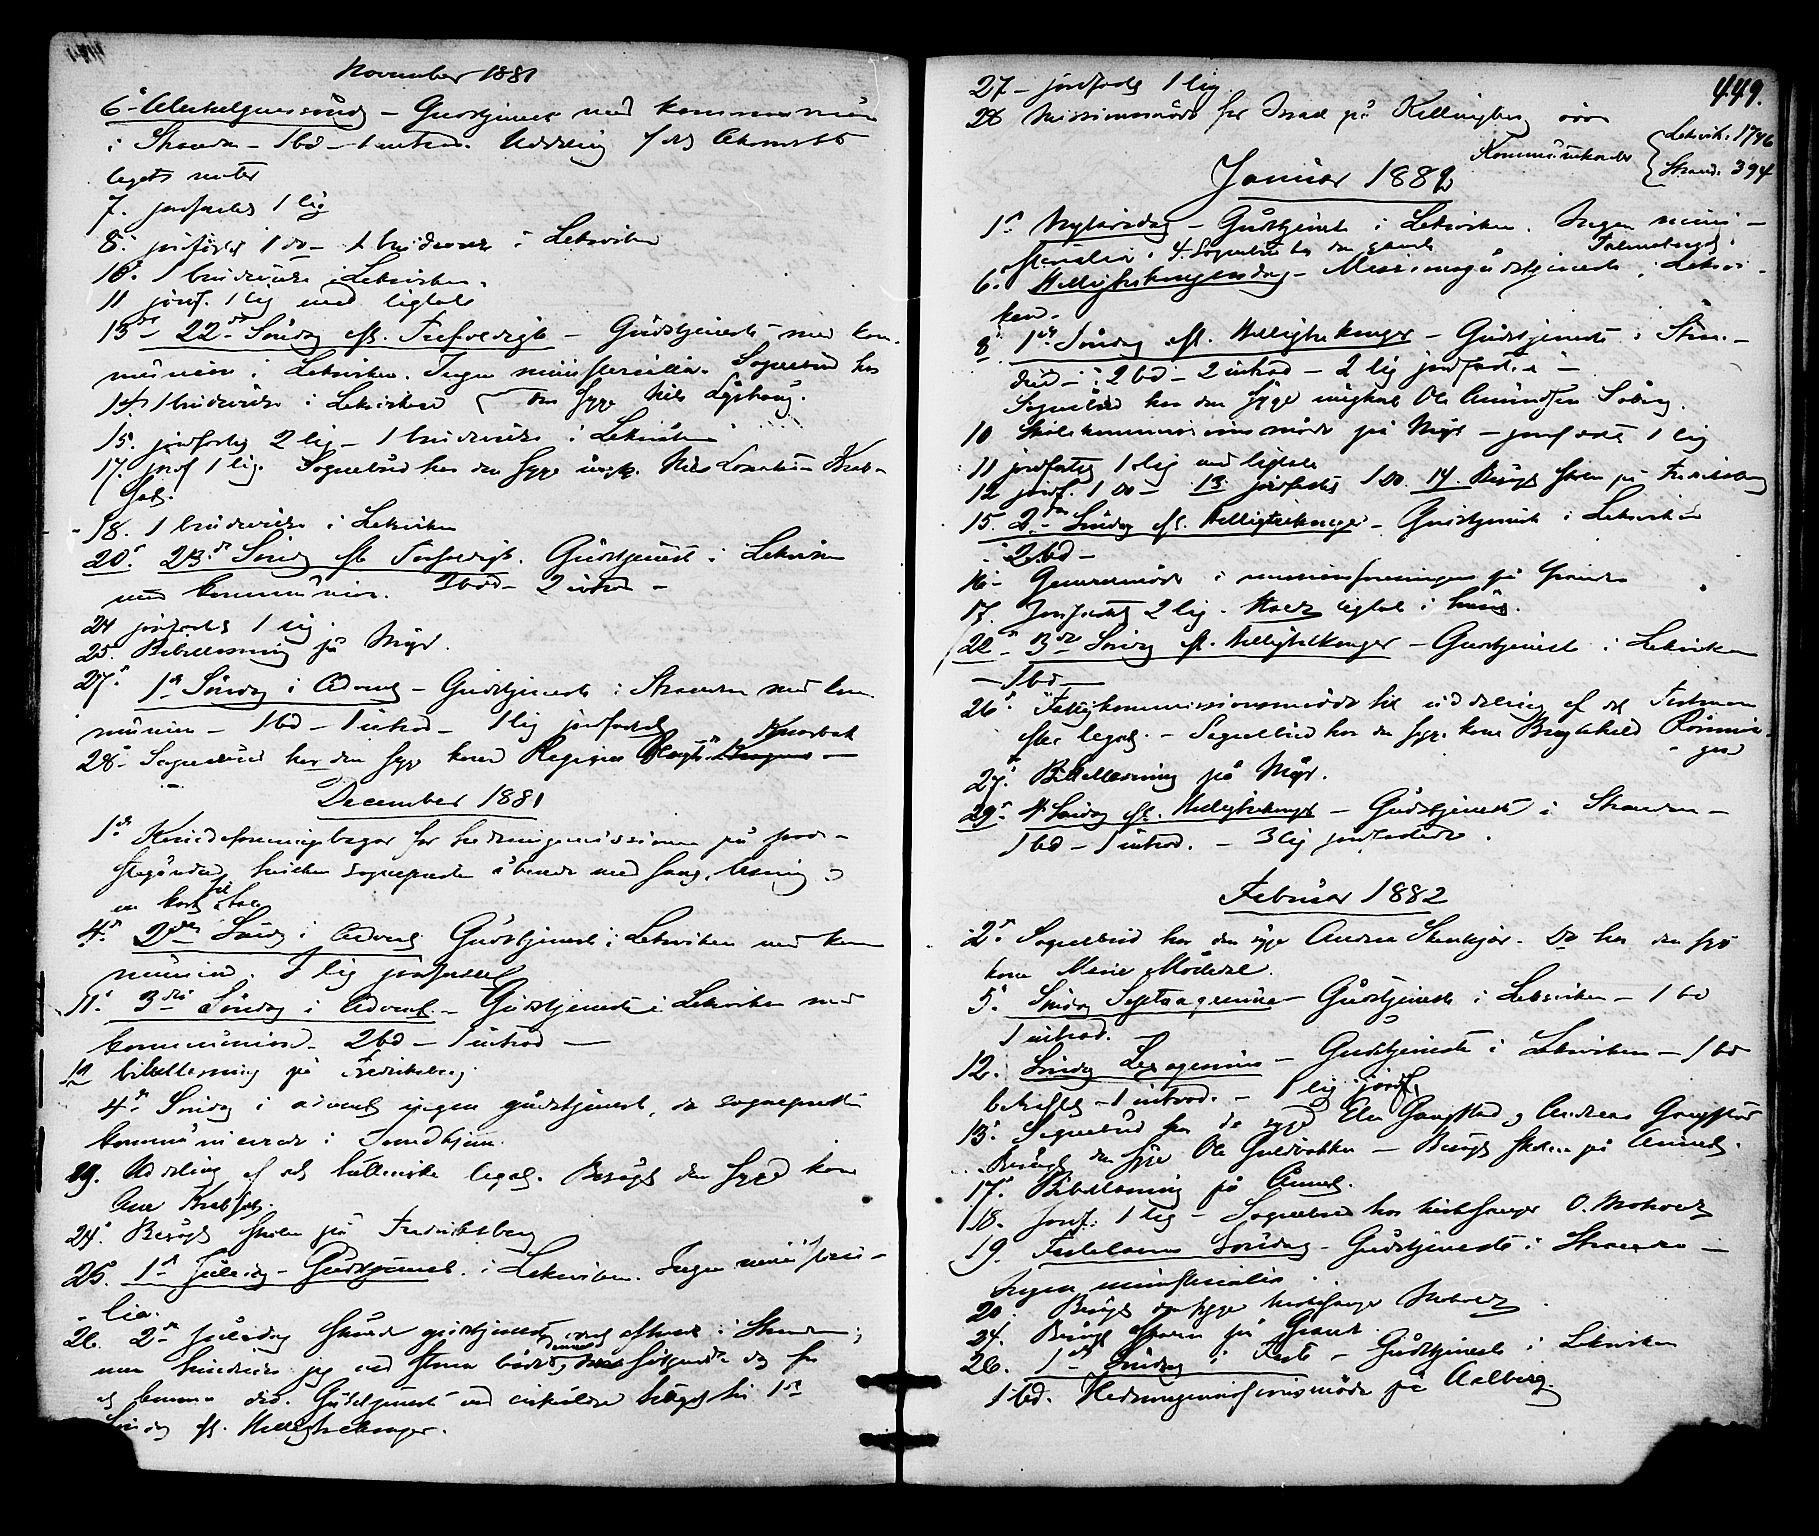 SAT, Ministerialprotokoller, klokkerbøker og fødselsregistre - Nord-Trøndelag, 701/L0009: Ministerialbok nr. 701A09 /1, 1864-1882, s. 449